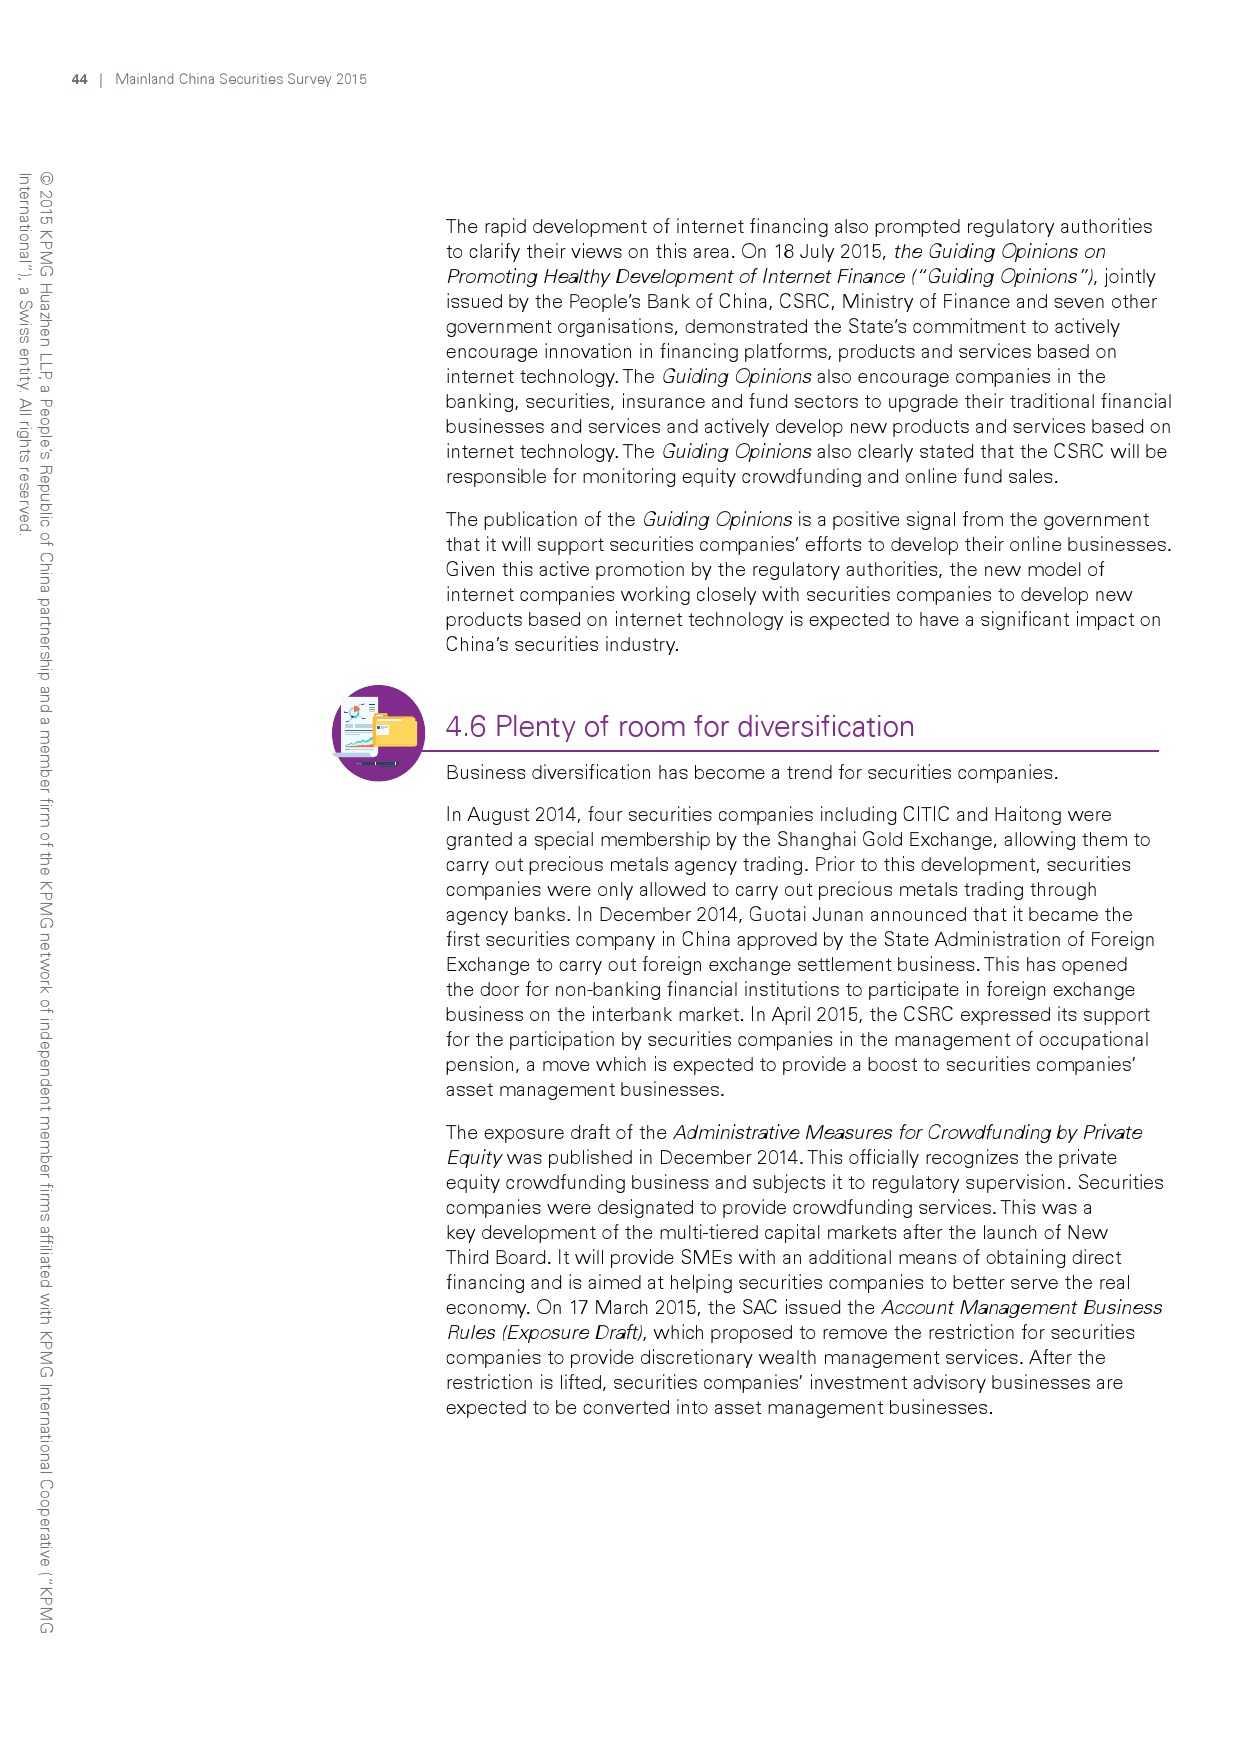 毕马威:2015年中国证券业调查报告_000046